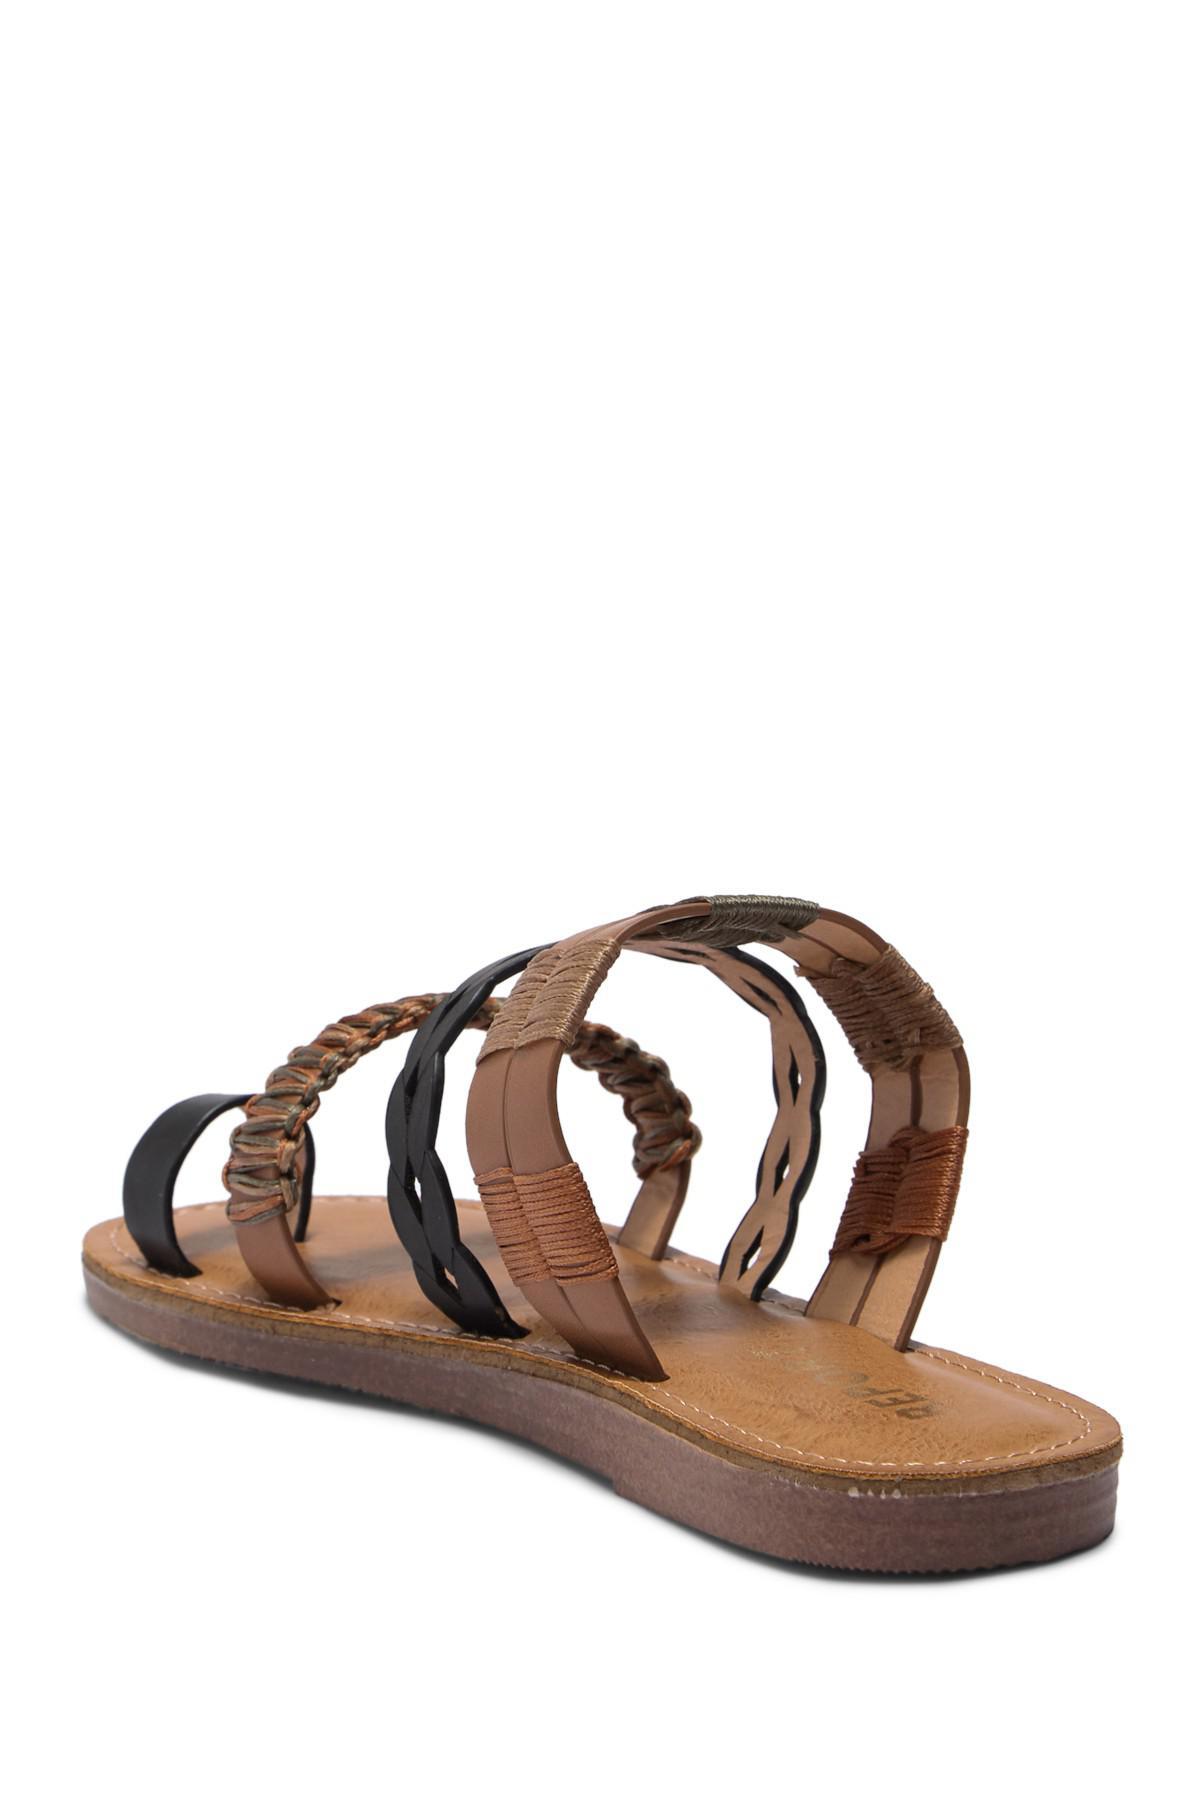 Nouvelle Et De La Mode Boutique En Ligne Pas Cher Rapport Sandale De Diapositives Anneau Orteil Olena ZhX8Gnr